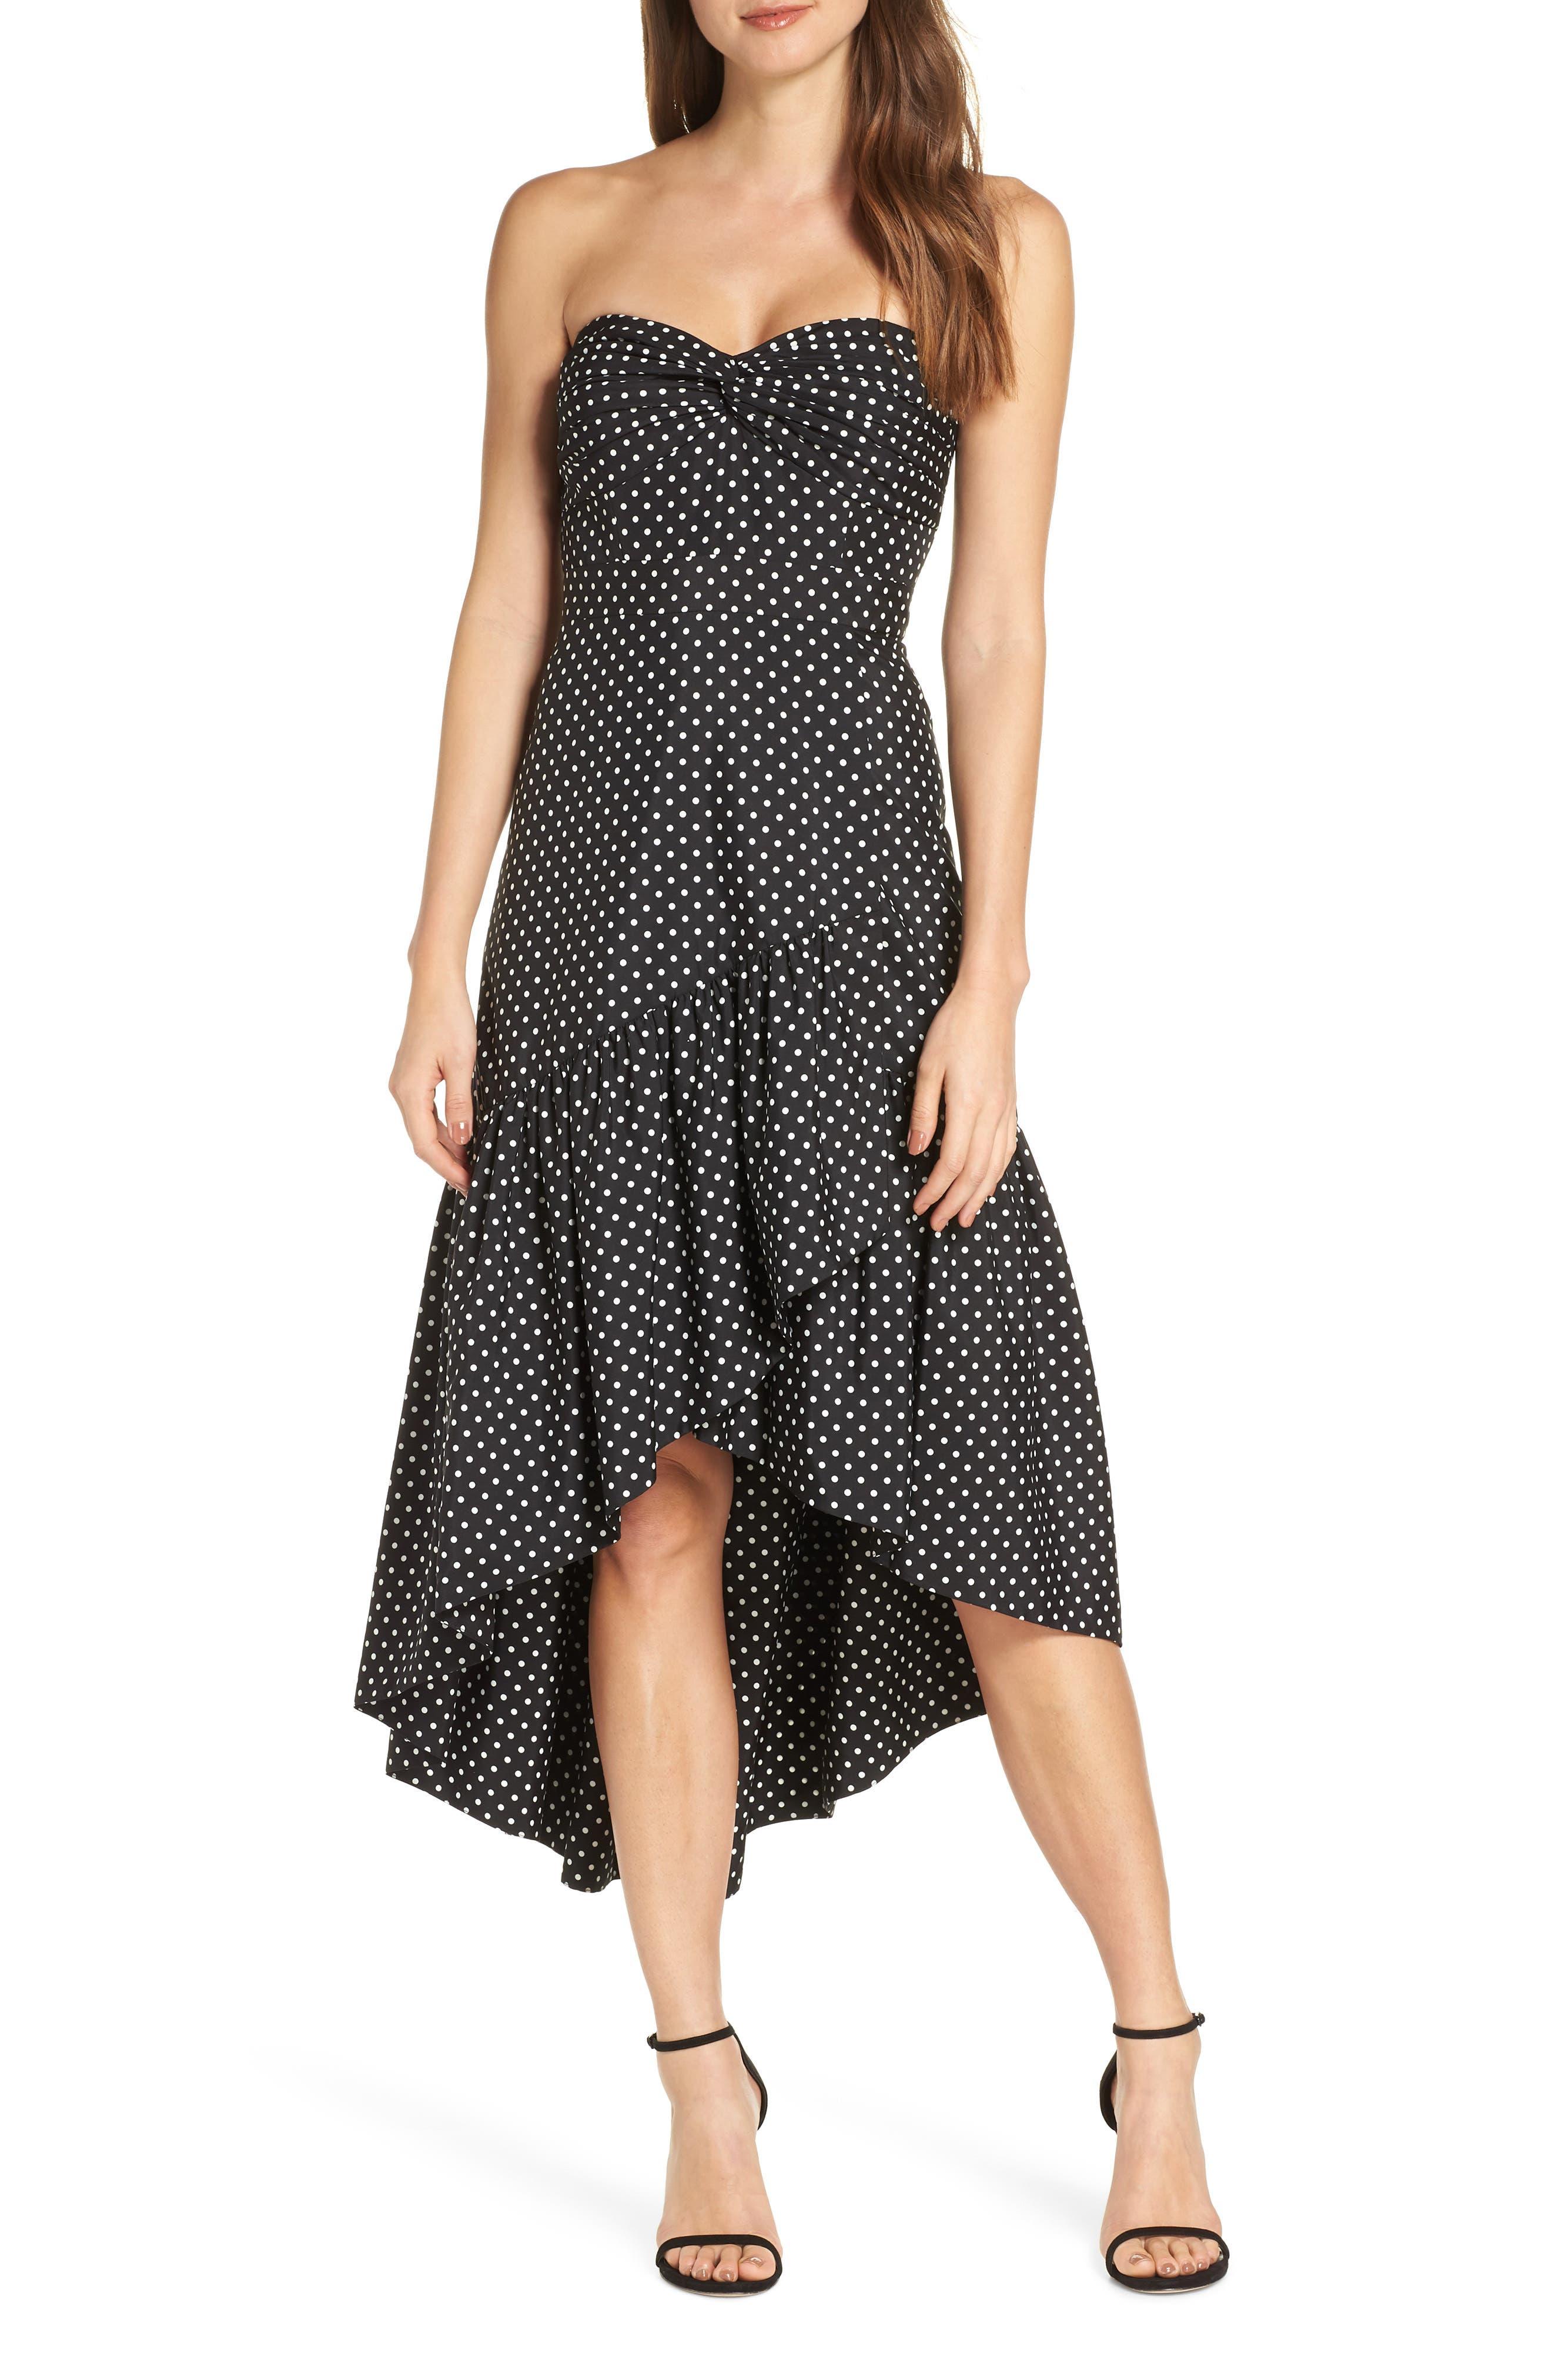 Eliza J Strapless Polka Dot Cocktail Dress, Black